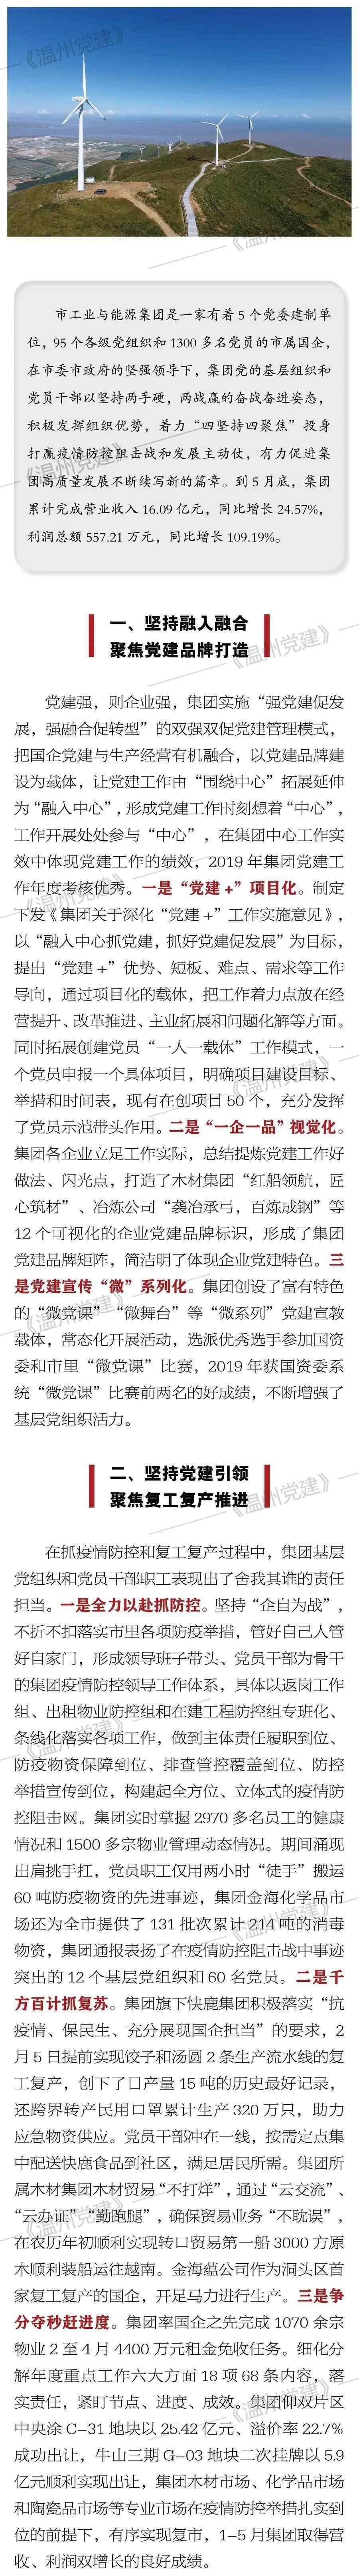 温州党建 2020《温州党建》第3期·党建论坛丨党建引领  奋战奋进  不断续写国企高质量发展新篇章